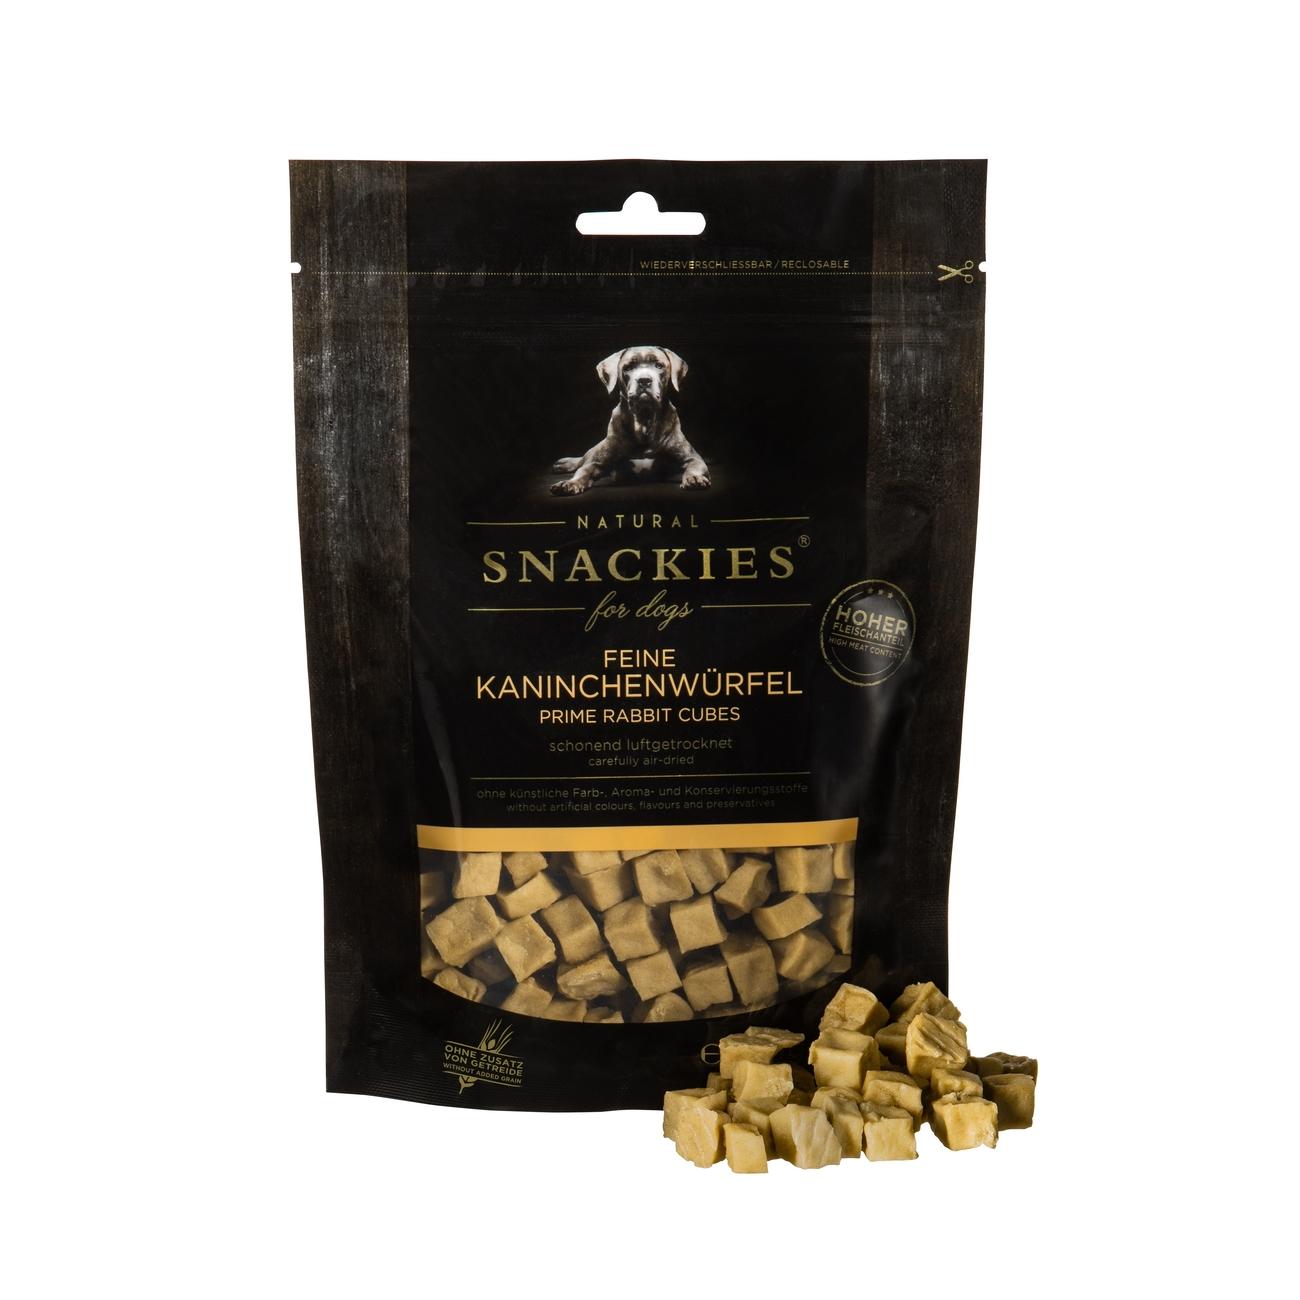 Snackies luftgetrocknete Fleischwürfel für Hunde, Bild 3